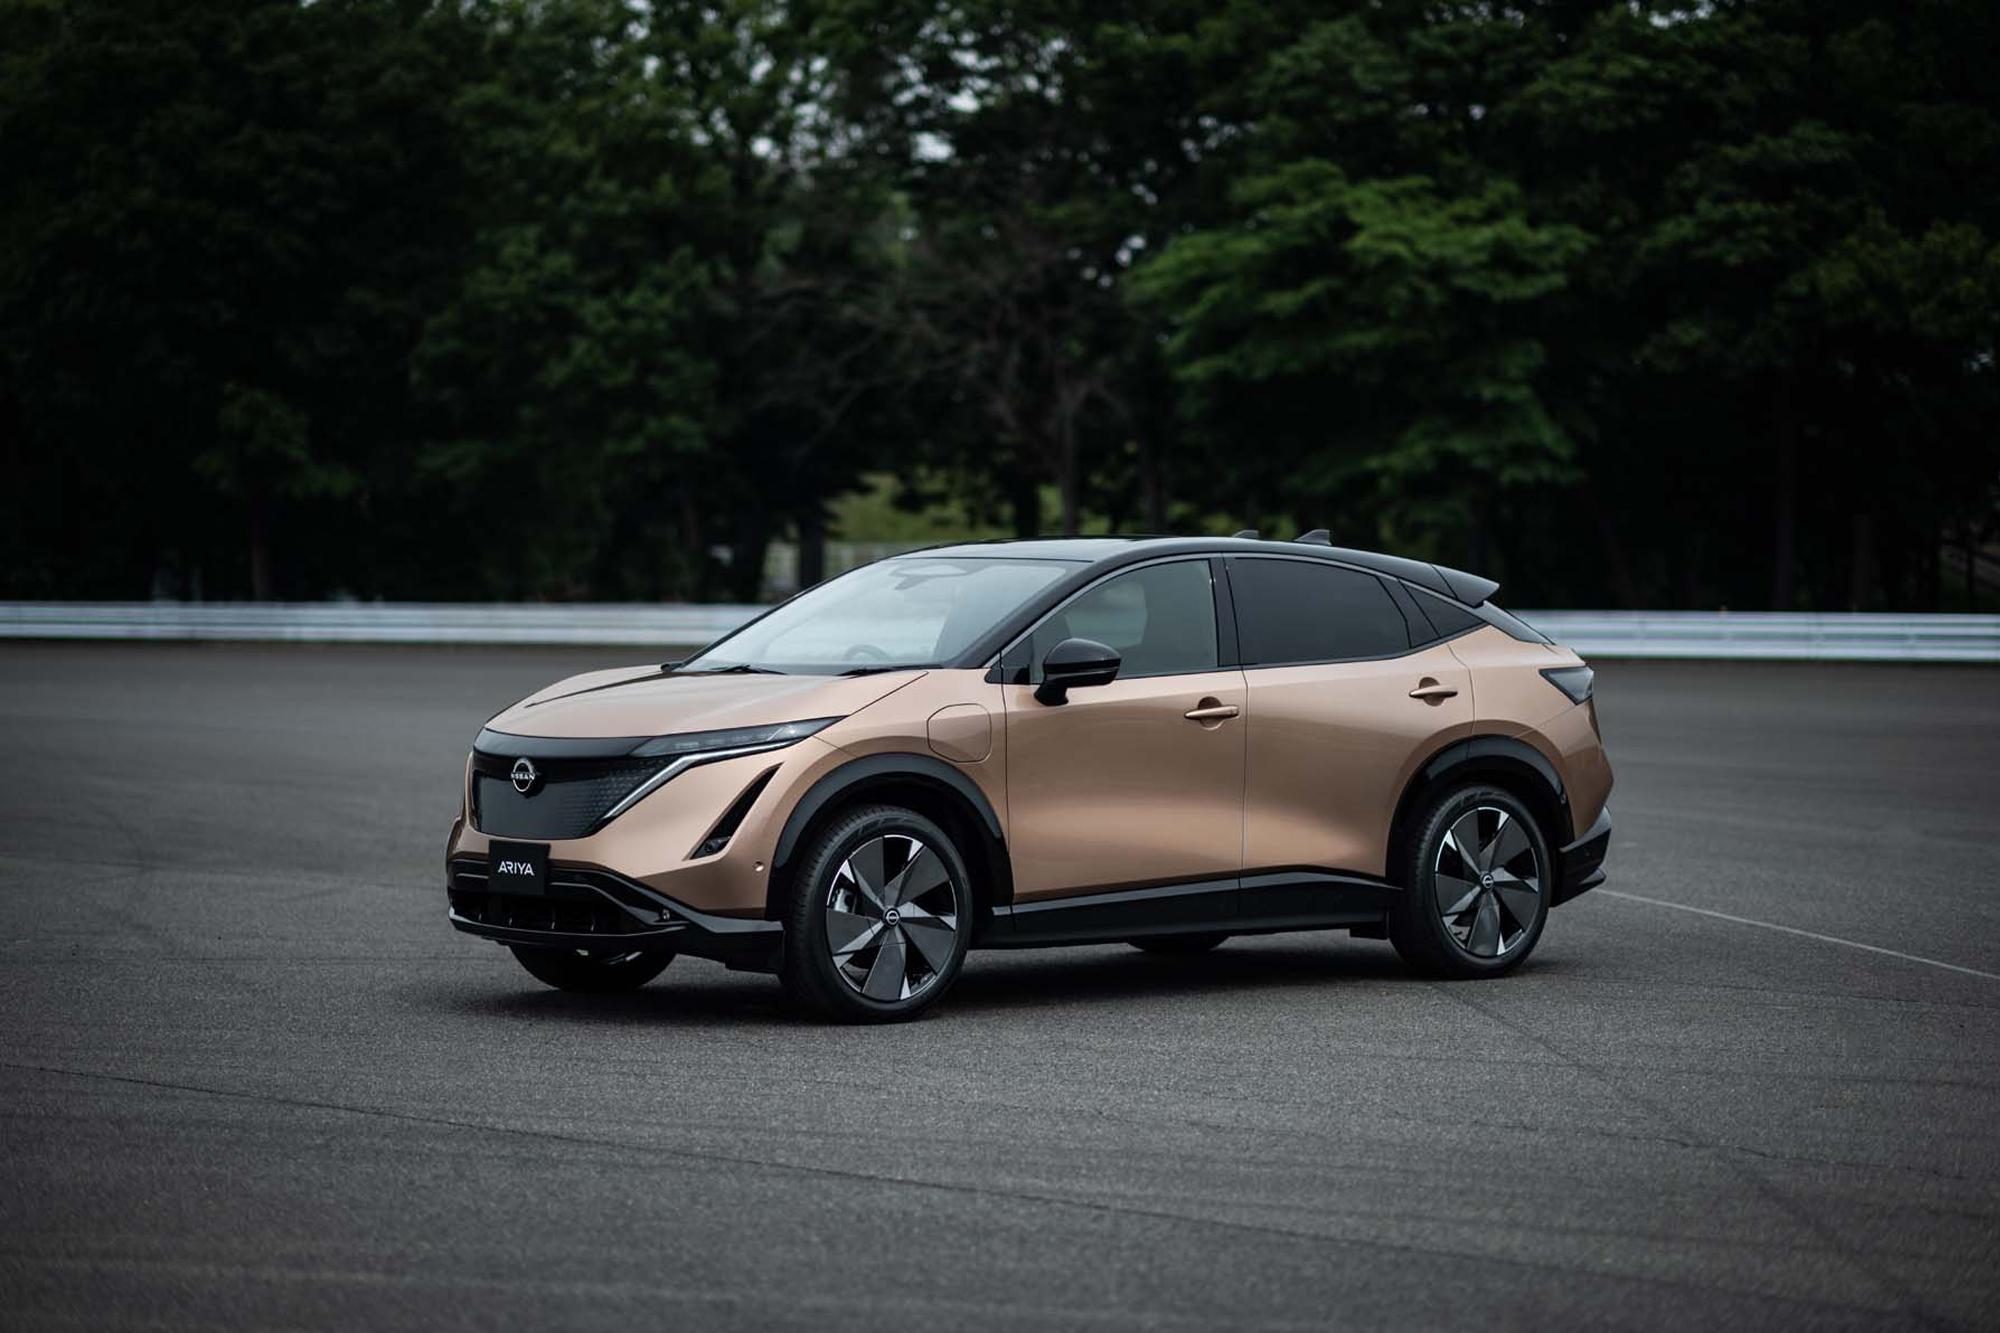 Οι πρώτες οδηγικές δοκιμές του Nissan Ariya στην Ιαπωνία